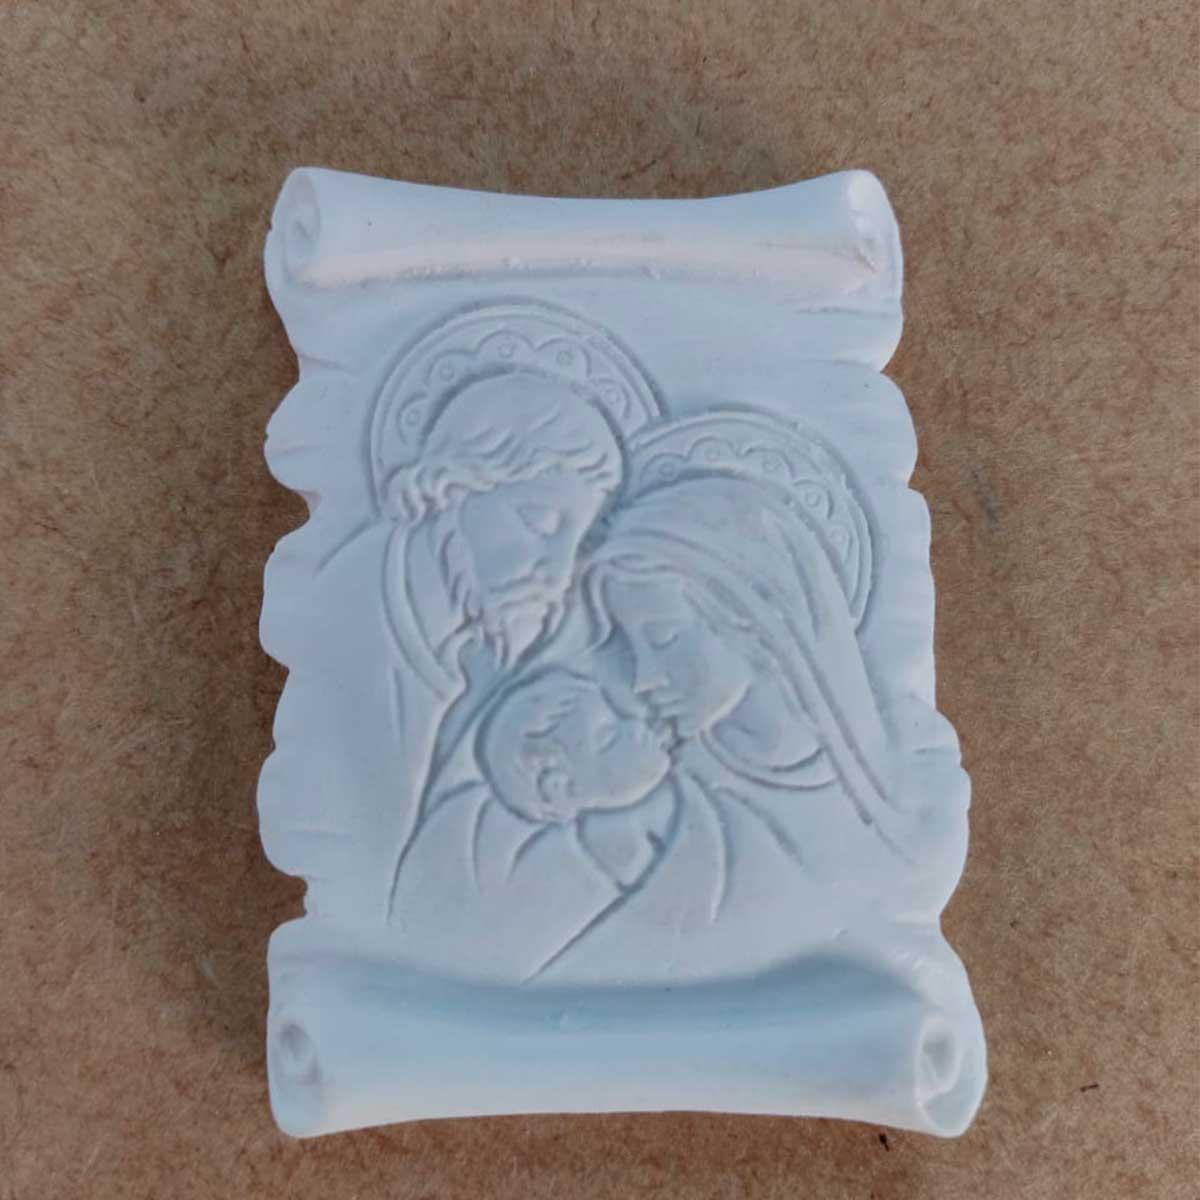 Aplique em Resina - Pergaminho Sagrada Família 6x4,5